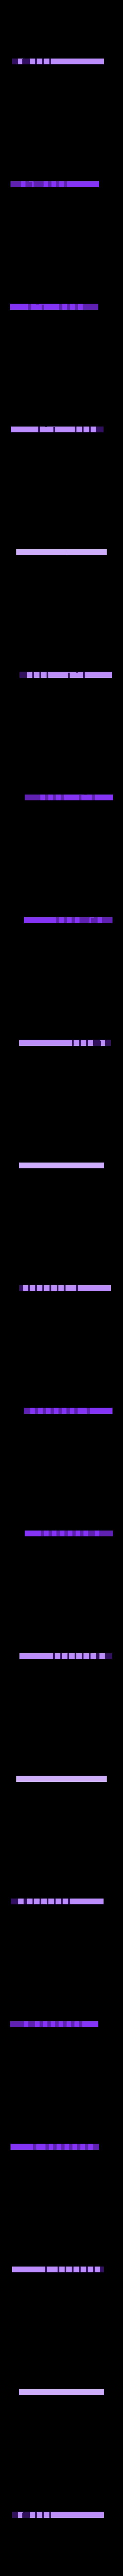 V2_8bit_heart_outer.stl Télécharger fichier STL gratuit Porte-clés coeur 8 bits • Objet pour imprimante 3D, Code10100